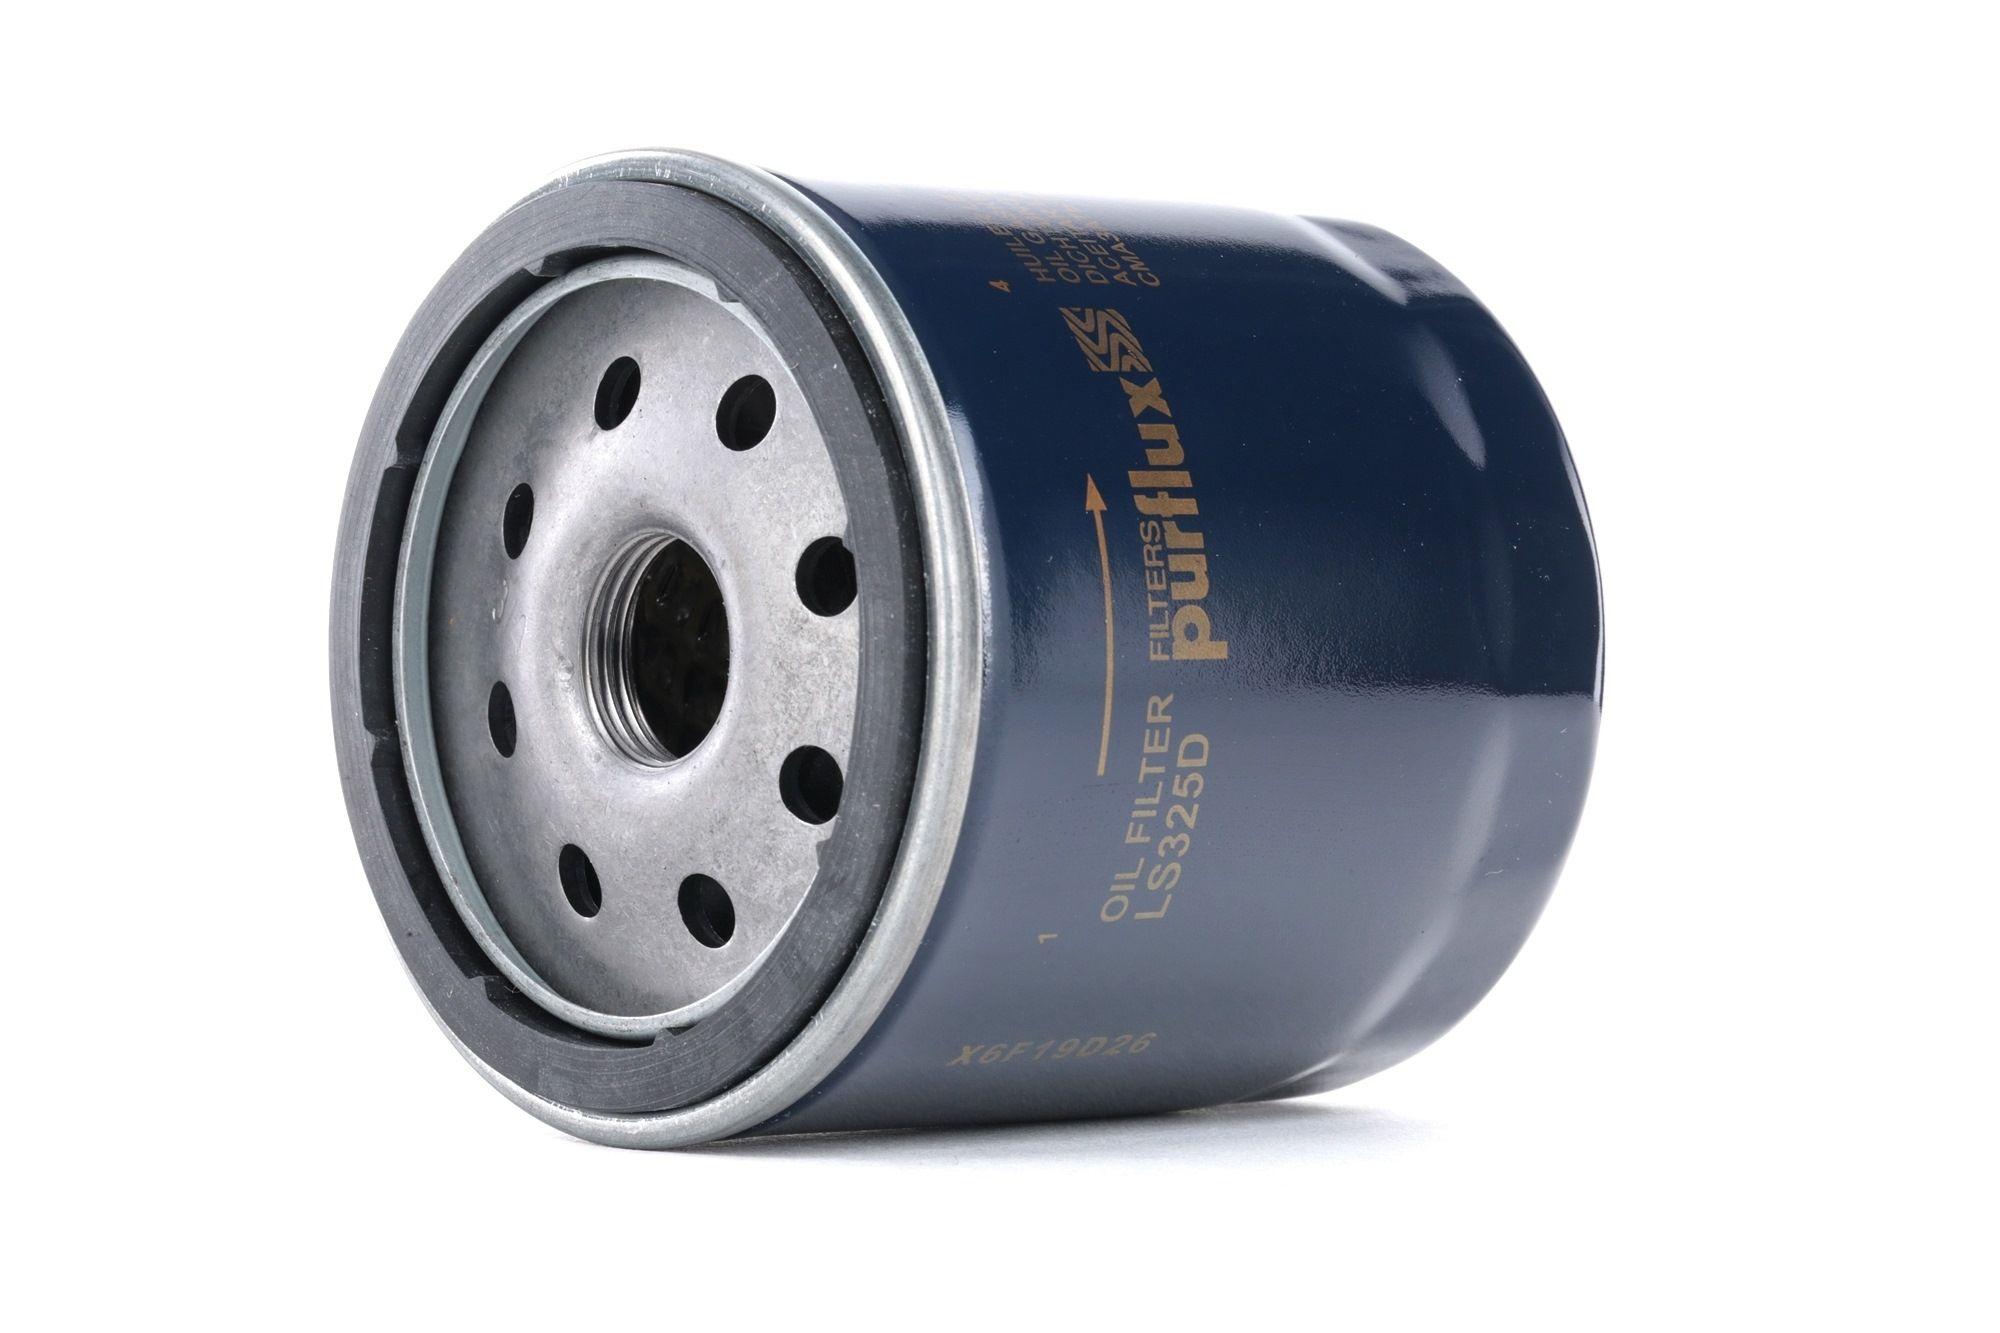 Achetez Filtre à huile PURFLUX LS325D (Ø: 76mm, Hauteur: 93mm) à un rapport qualité-prix exceptionnel